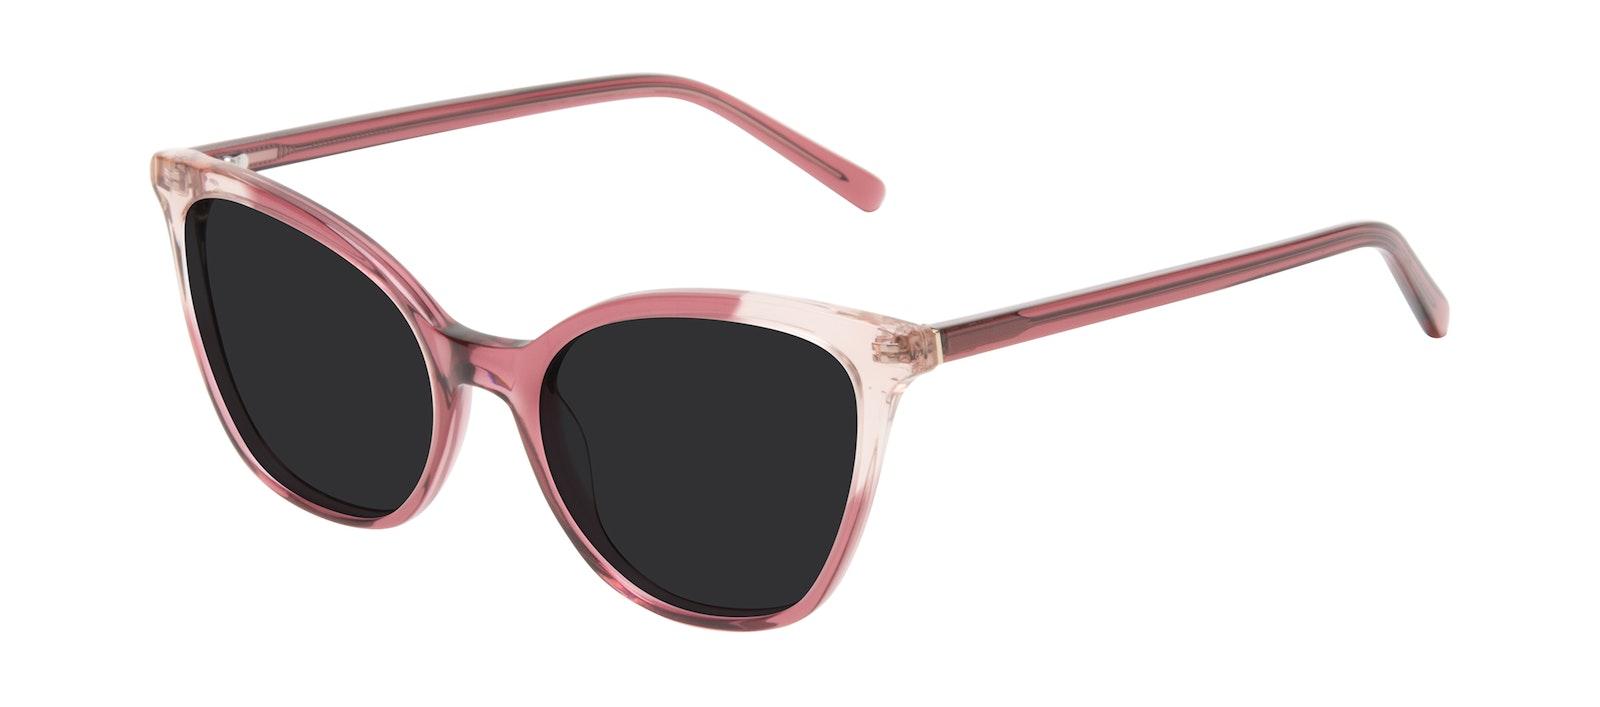 Lunettes tendance Oeil de chat Lunettes de soleil Femmes Tippi Orchid Pink Incliné